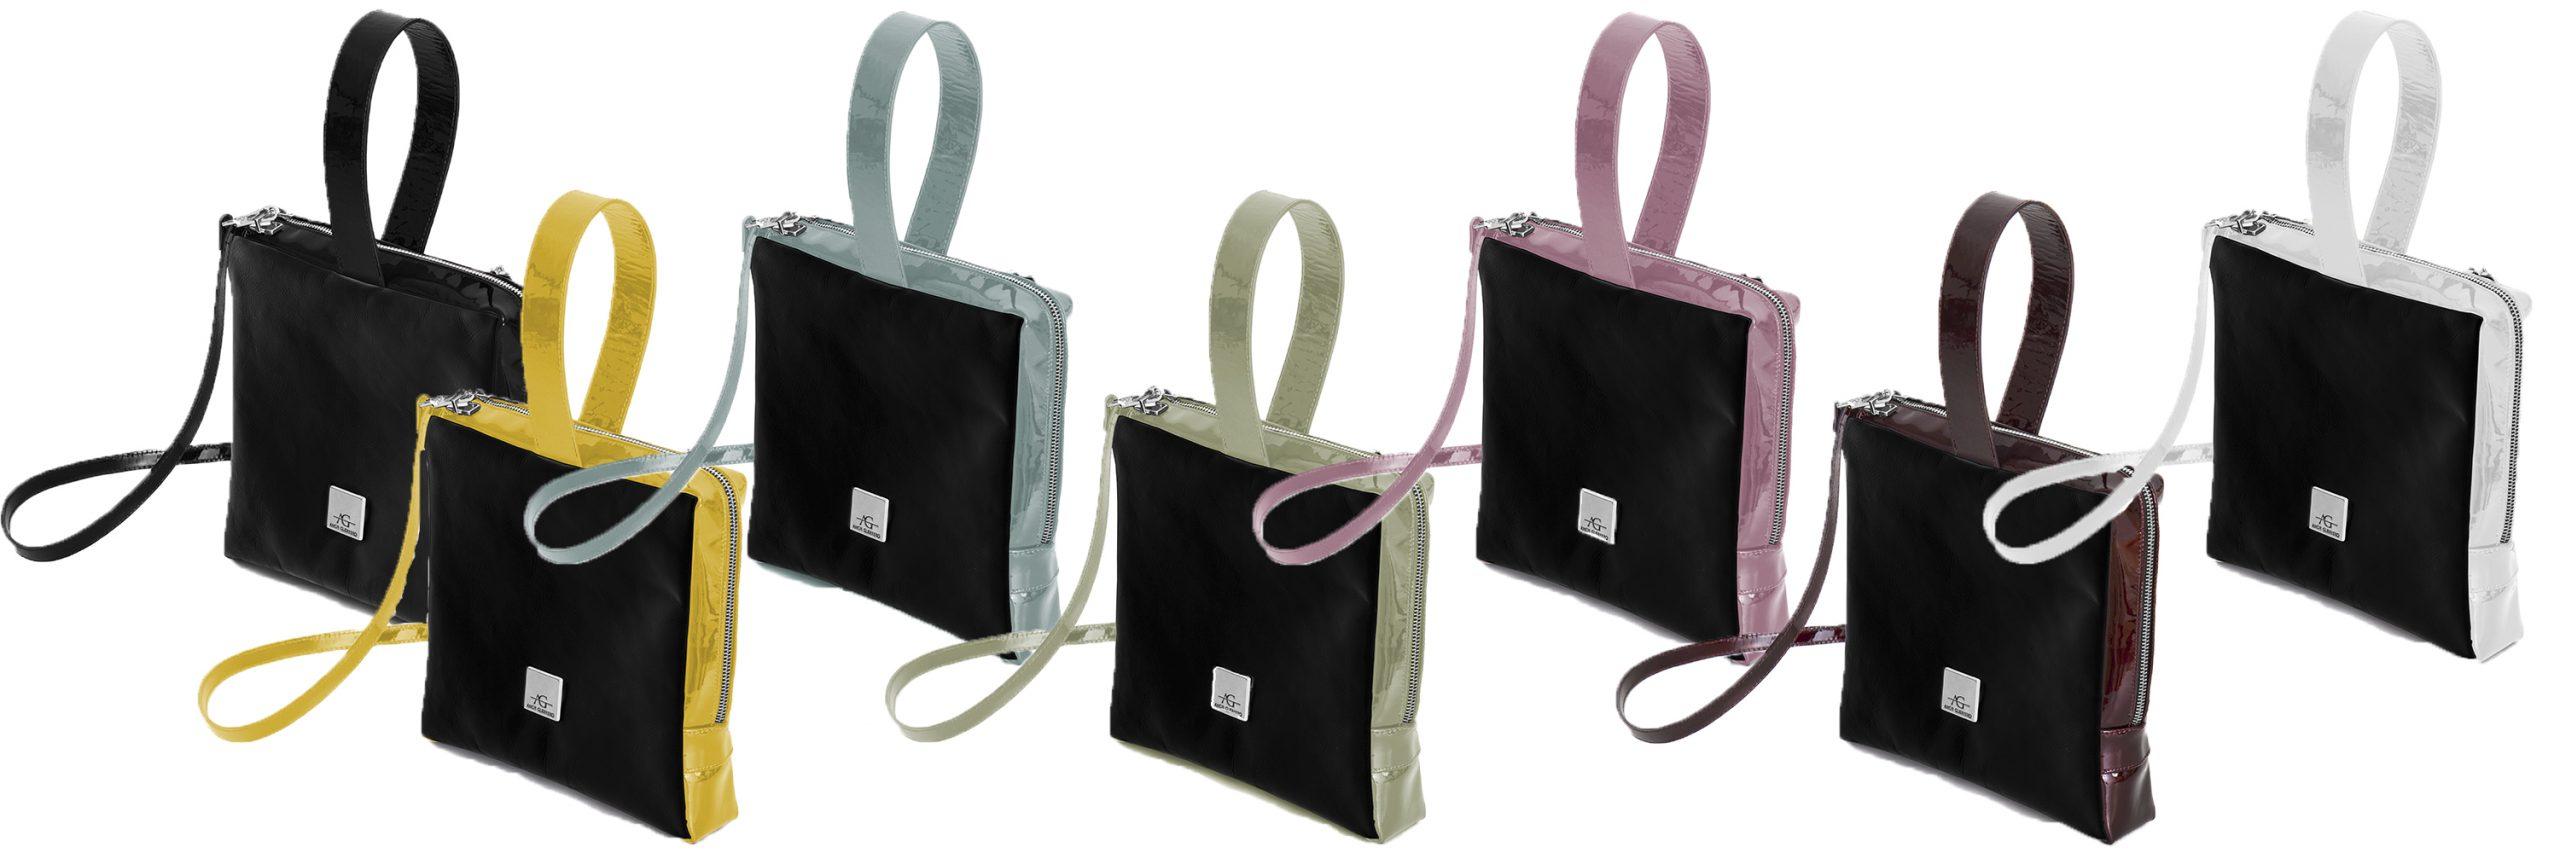 Amor Guerrero presenta su primera colección de bolsos